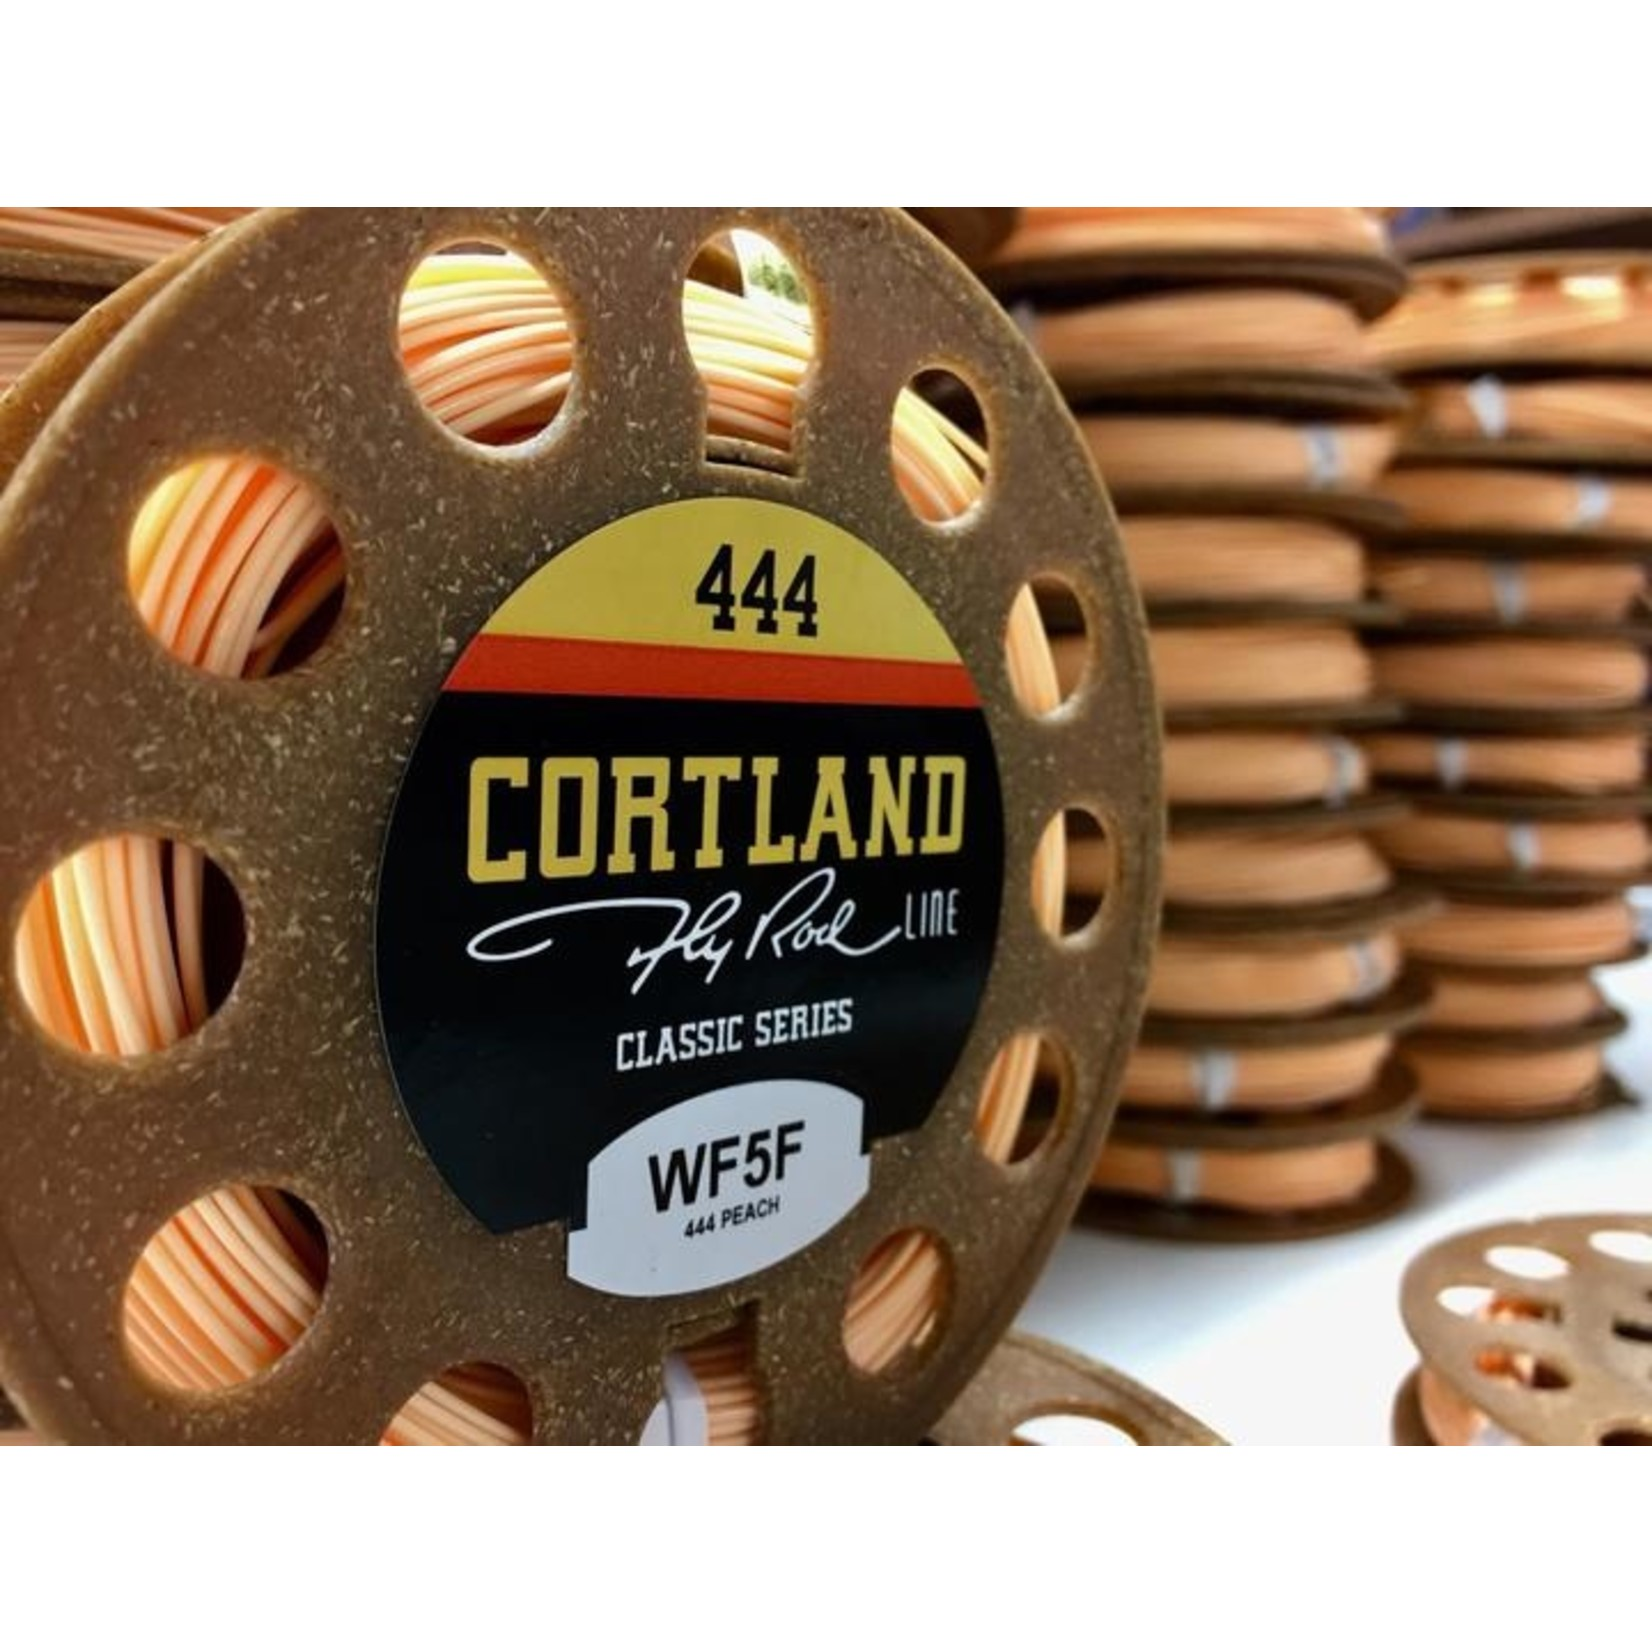 Cortland 444 Wf7F